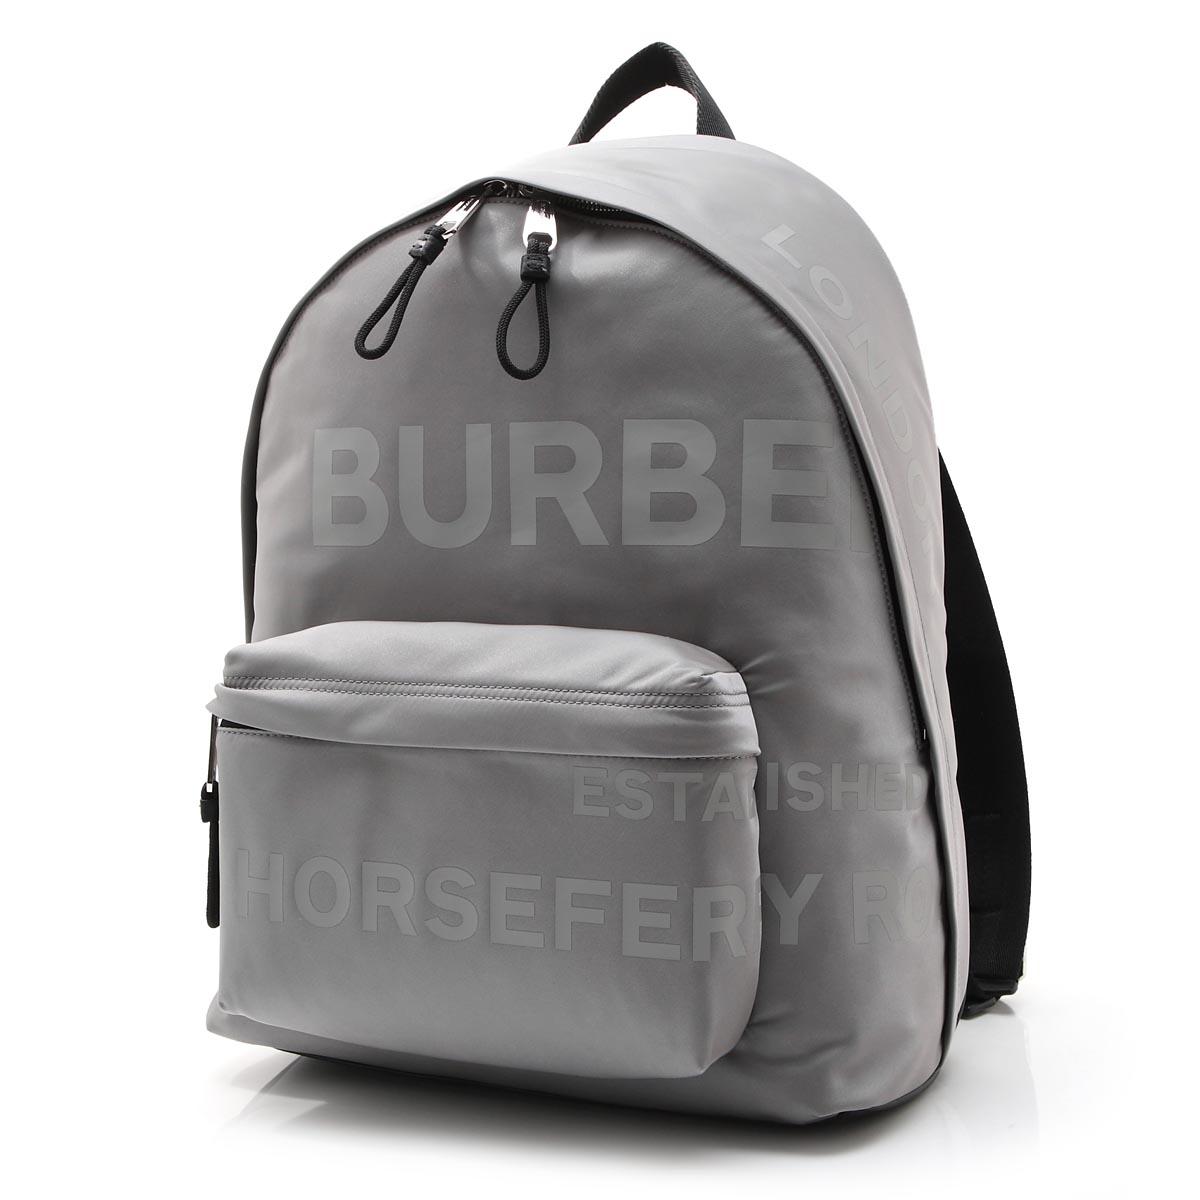 バーバリー BURBERRY リュック グレー メンズ 8028629 cloudgrey JETT BE9【あす楽対応_関東】【返品送料無料】【ラッピング無料】